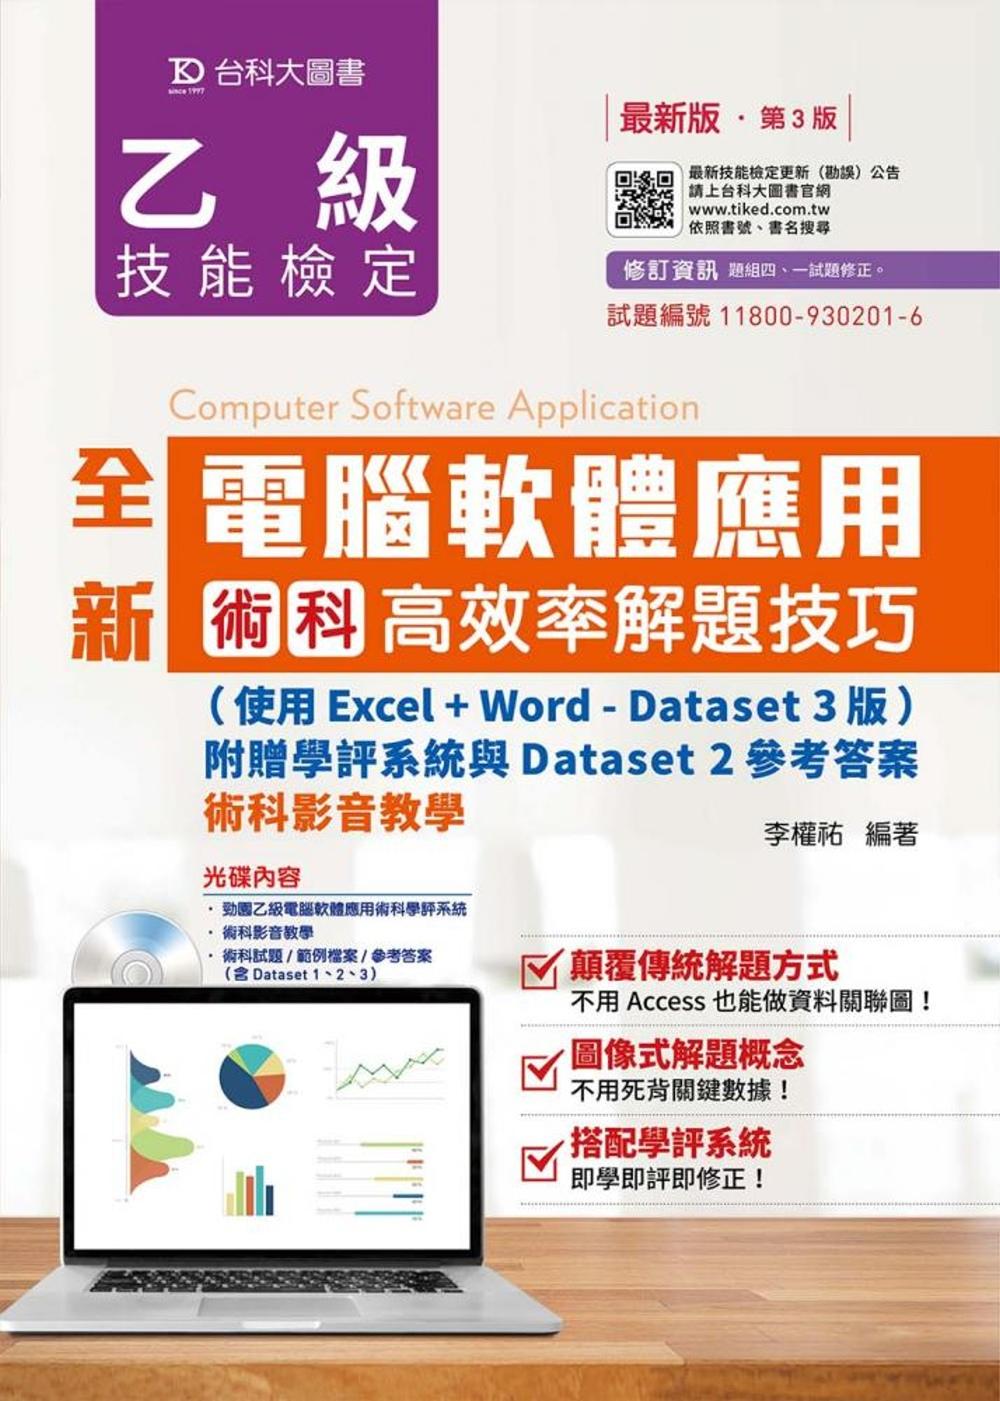 全新乙級電腦軟體應用術科高效率解題技巧(使用Excel+Word - Dataset 3版)附贈學評系統與Dataset 2參考答案 -最新版(第三版)